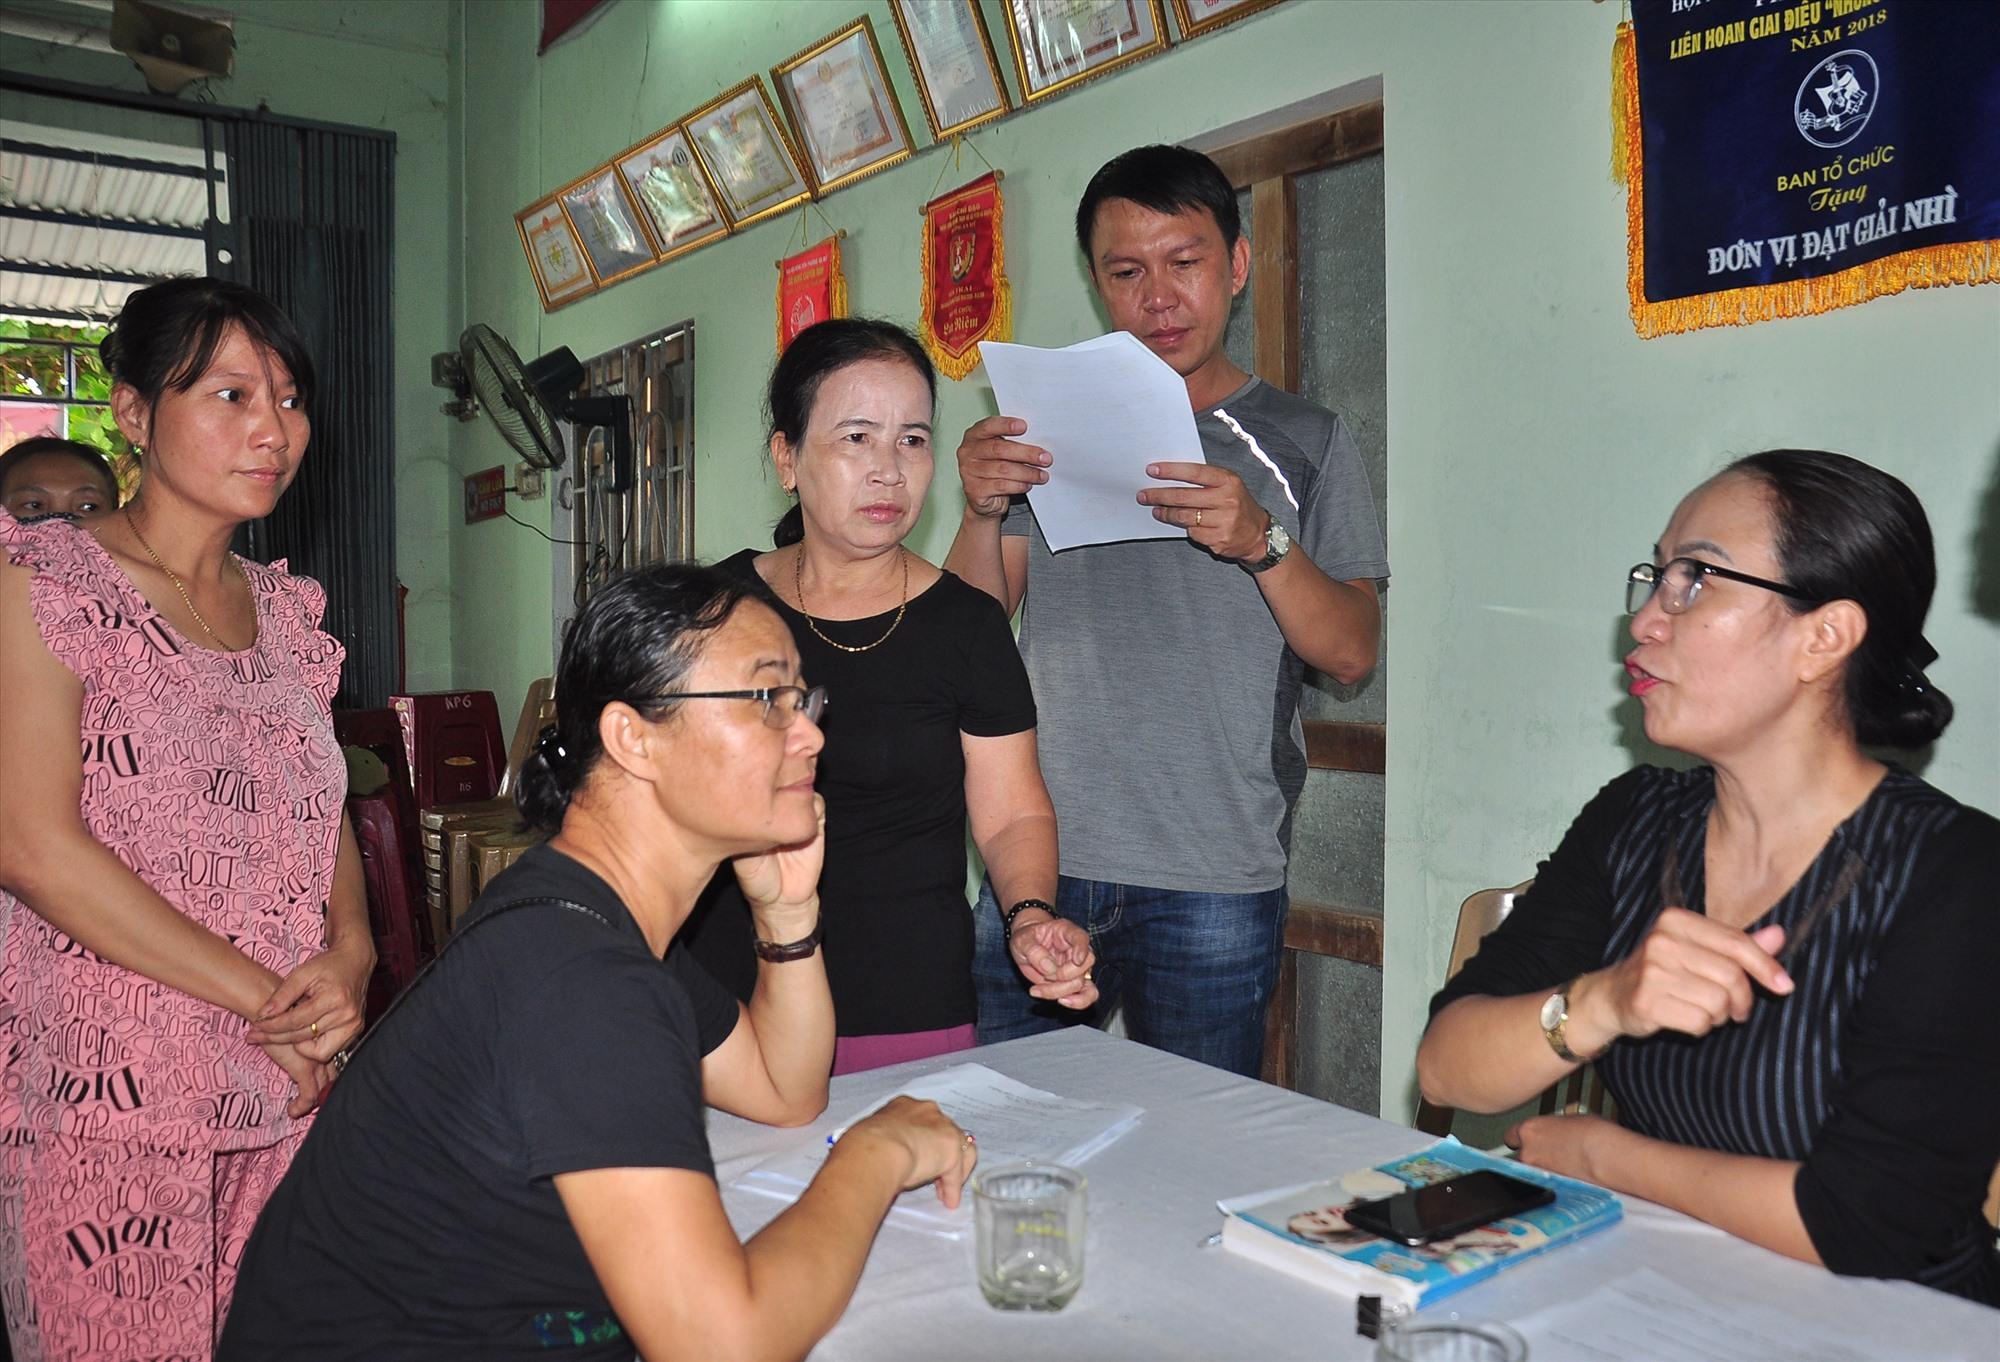 Bà Lê Thị Kim Vương - Chủ tịch Ủy ban MTTQ Việt Nam phường An Mỹ (phải) tham gia giám sát việc triển khai Nghị quyết 42 và hỗ trợ tuyên truyền, giải thích cho người dân về chính sách. Ảnh: VINH ANH